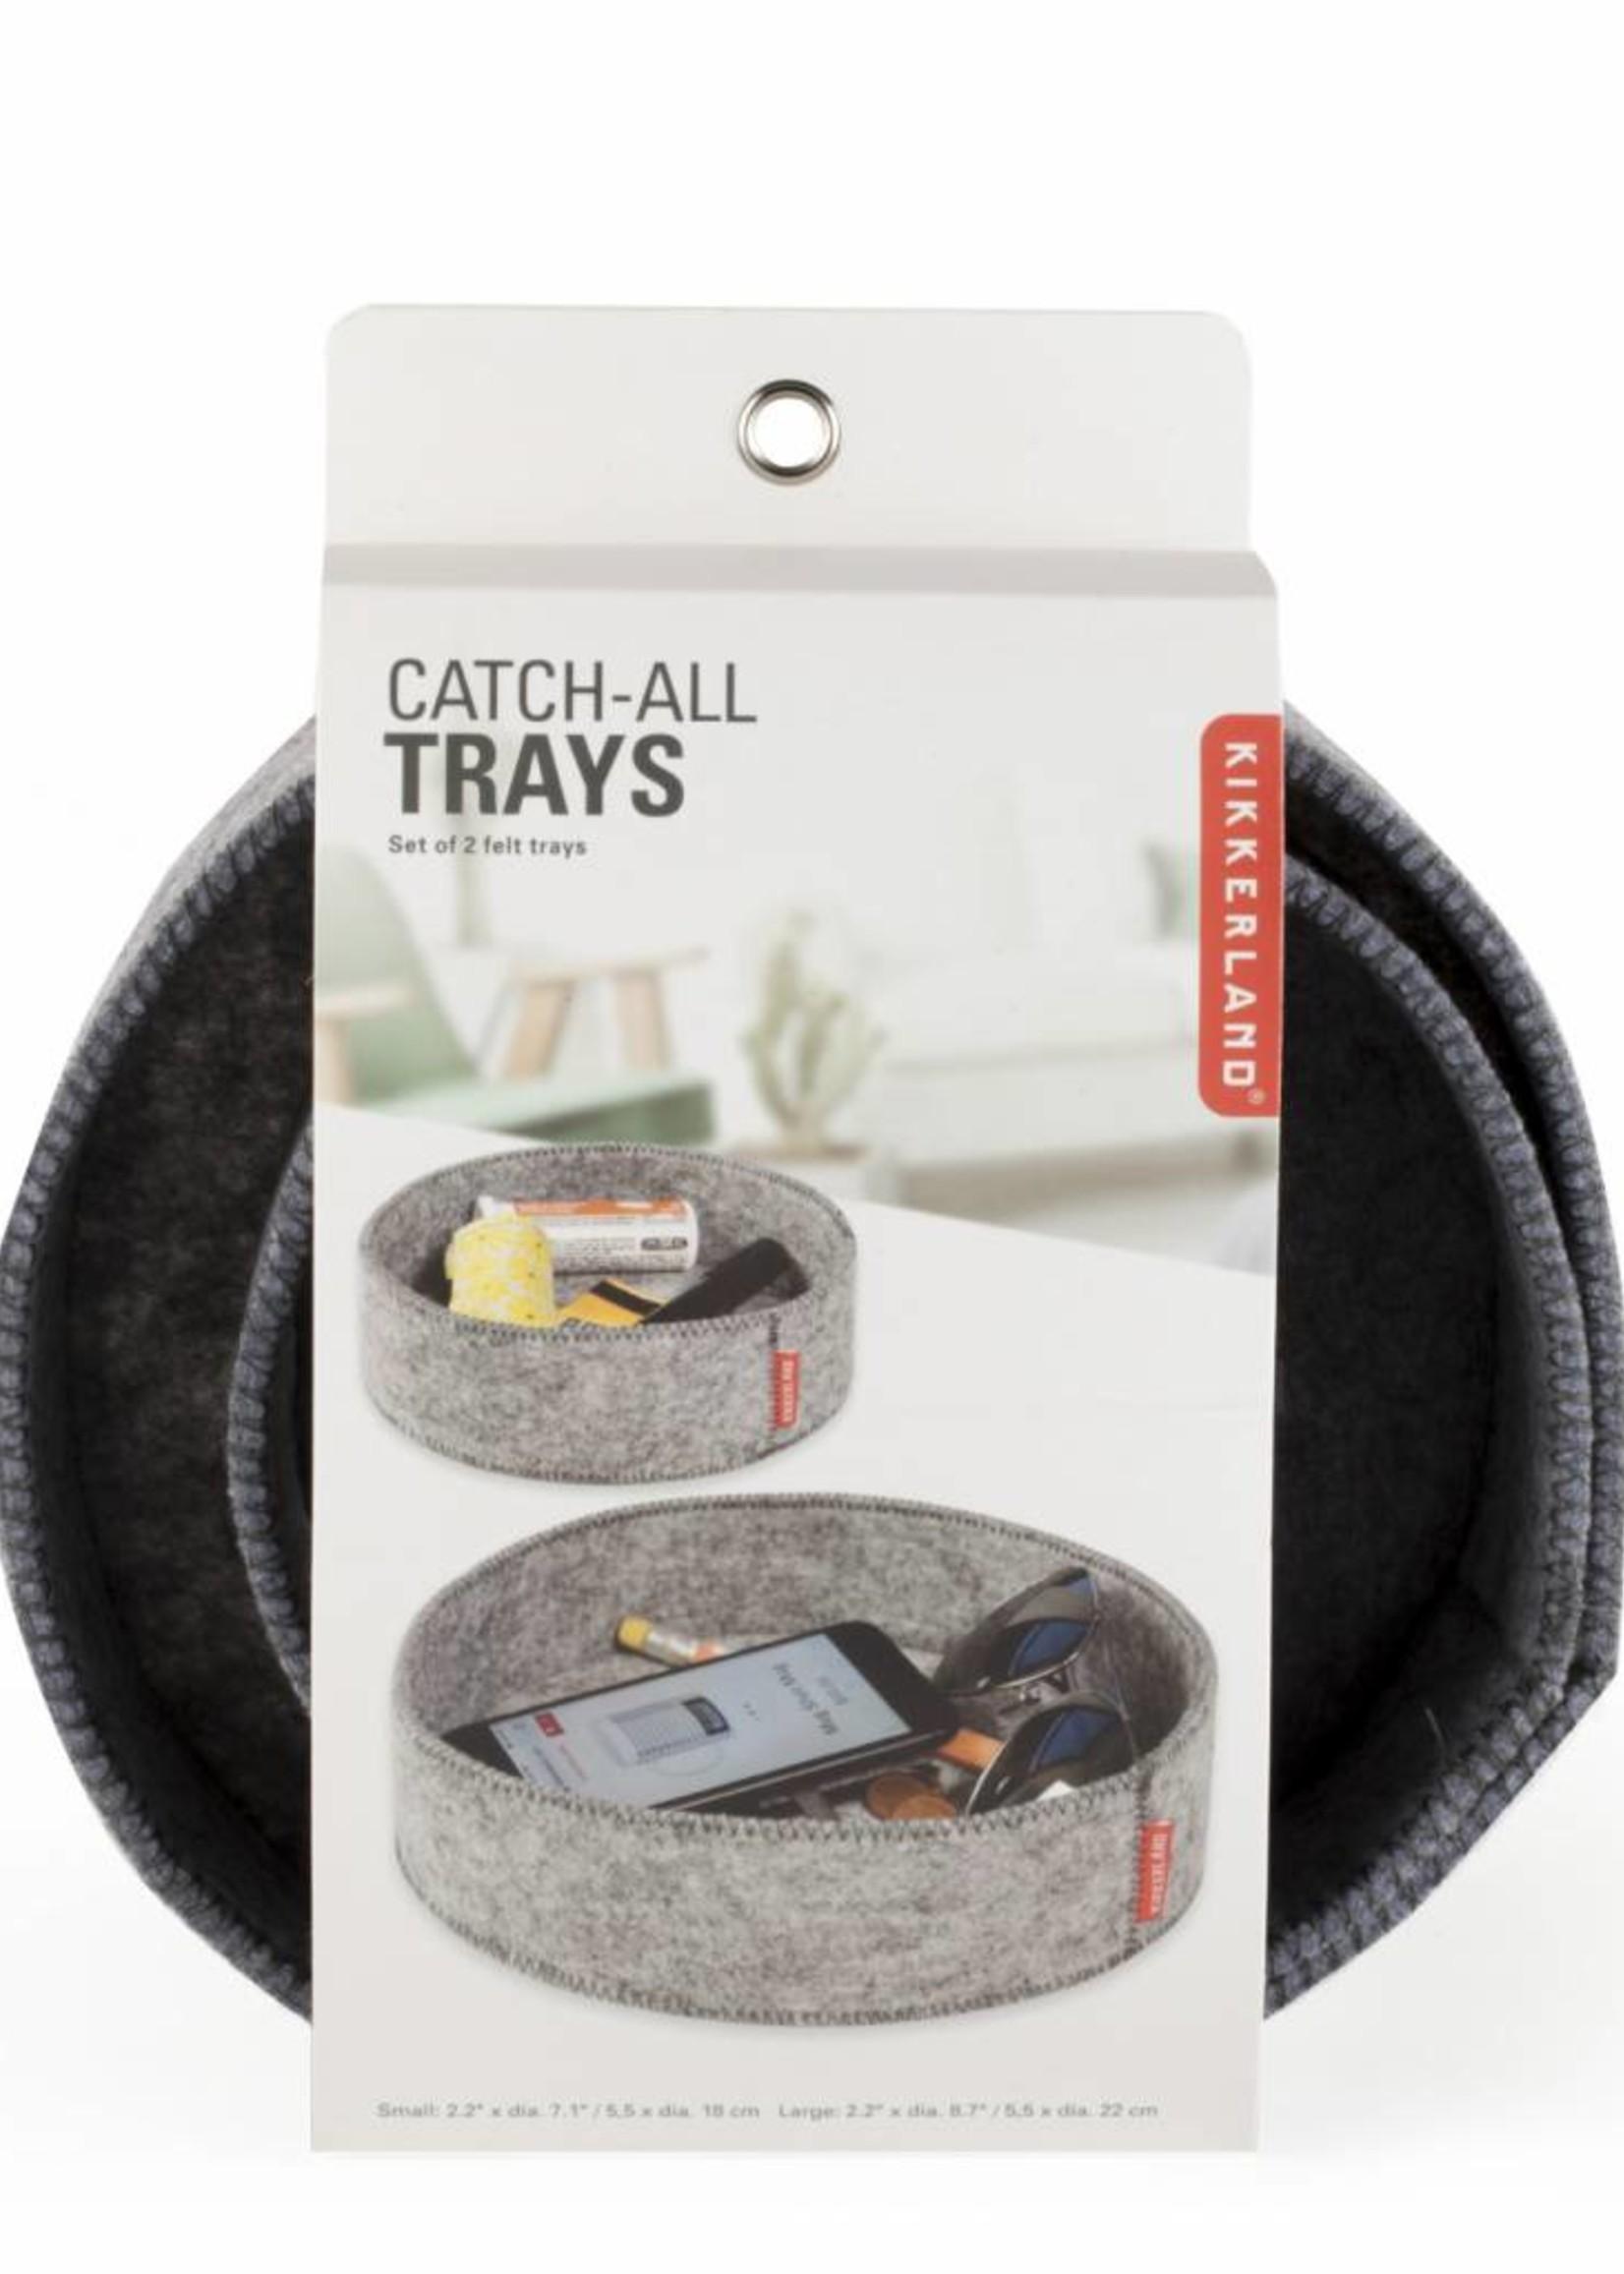 Kikkerland Catch-All Trays